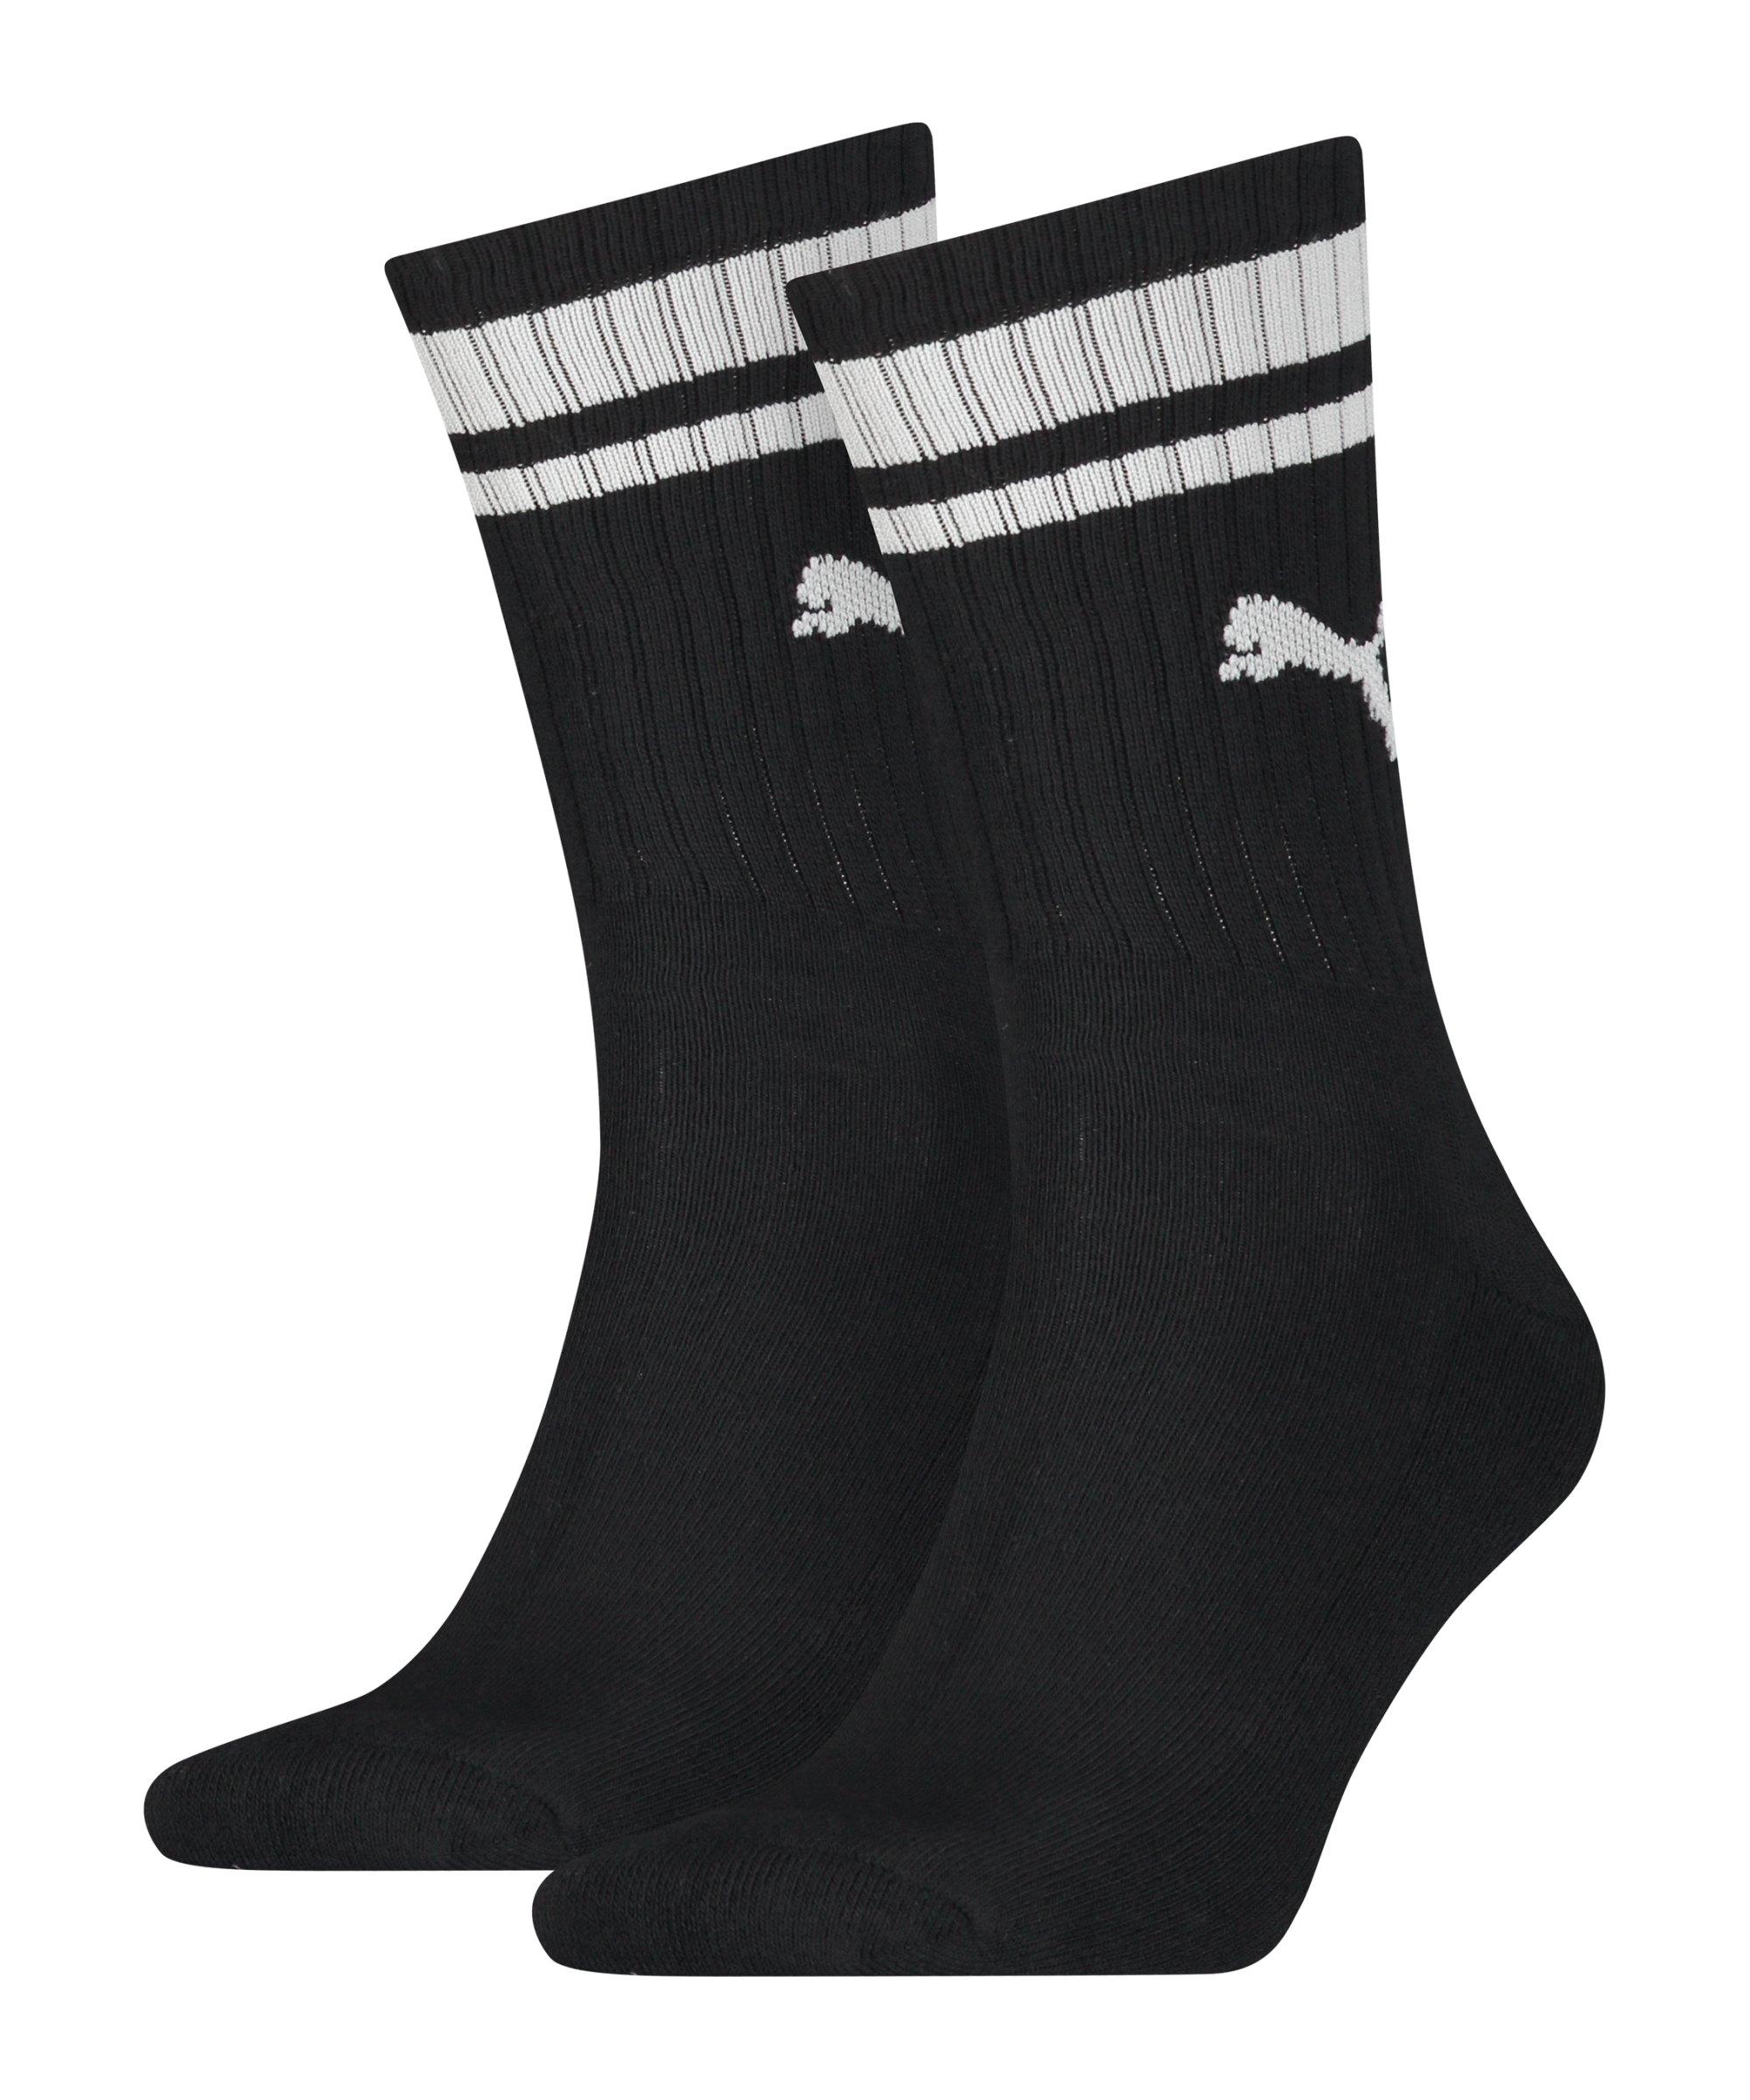 PUMA Crew Heritage Stripe 2er Pack Socken F001 - schwarz